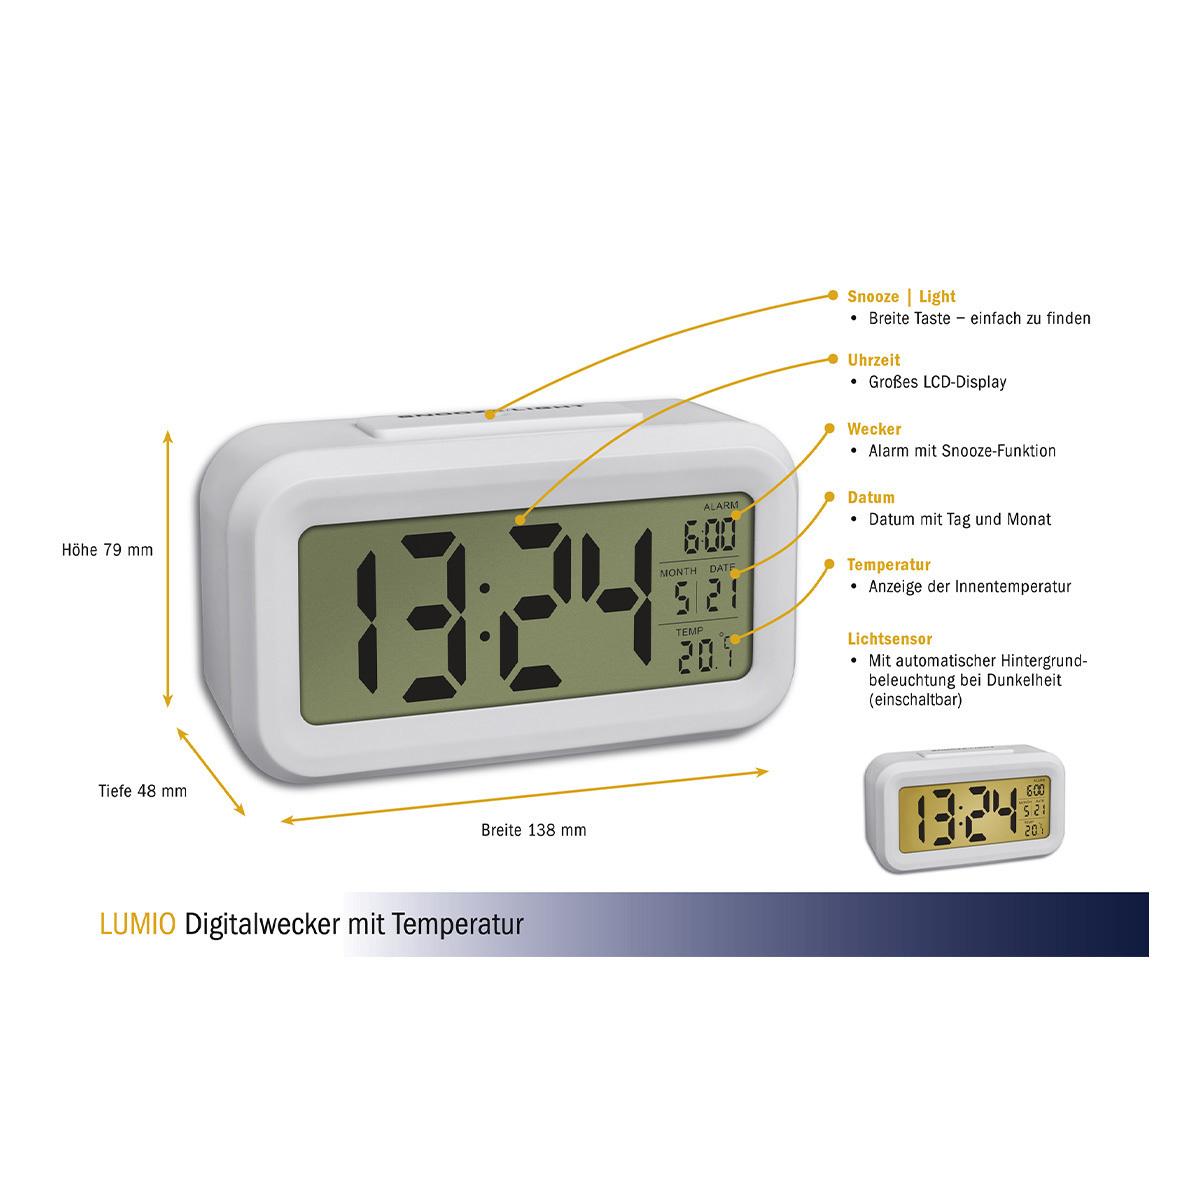 60-2018-02-digitaler-wecker-mit-temperatur-lumio-abmessungen-1200x1200px.jpg